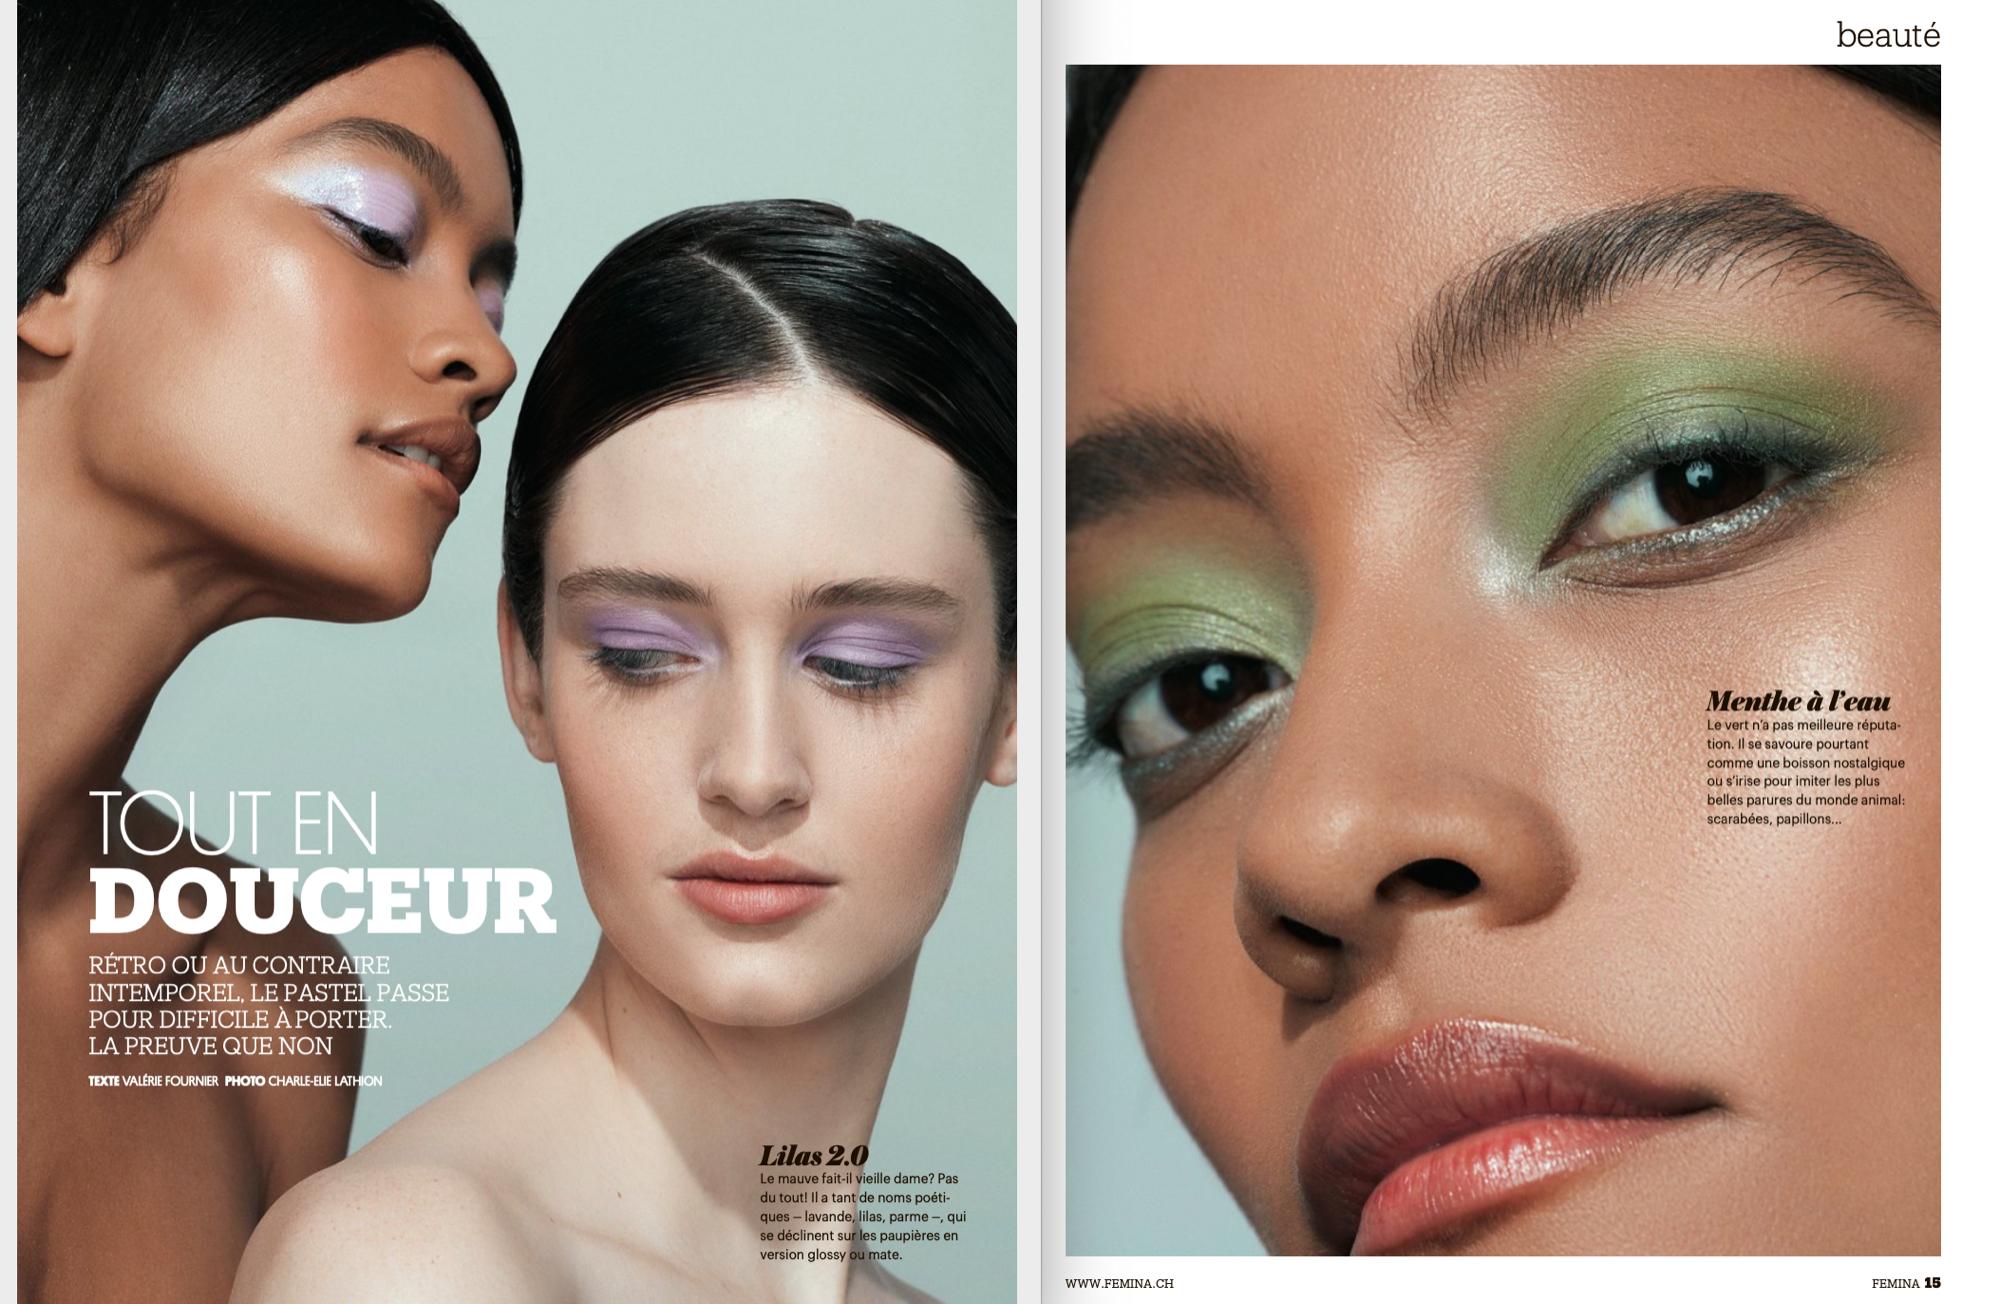 Beauty Editorial von Juliette für Femina - beauty-editorial-von-juliette-f--r-femina-ID14576-02.png?v=1586269714